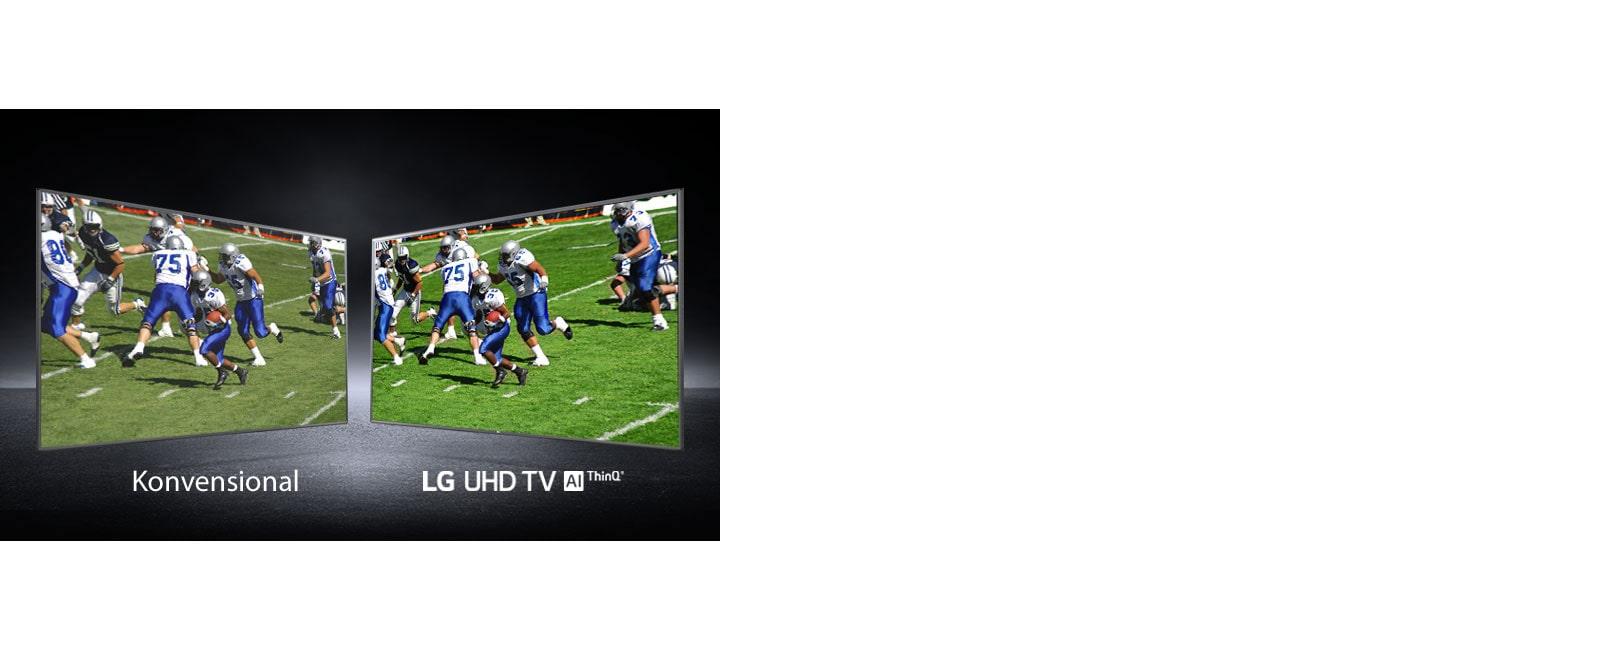 Gambar seorang pemain di lapangan football ditunjukkan dalam beberapa tampilan. Satu gambar ditampilkan di layar TV konvensional dan satu gambar ditampilkan di TV UHD.